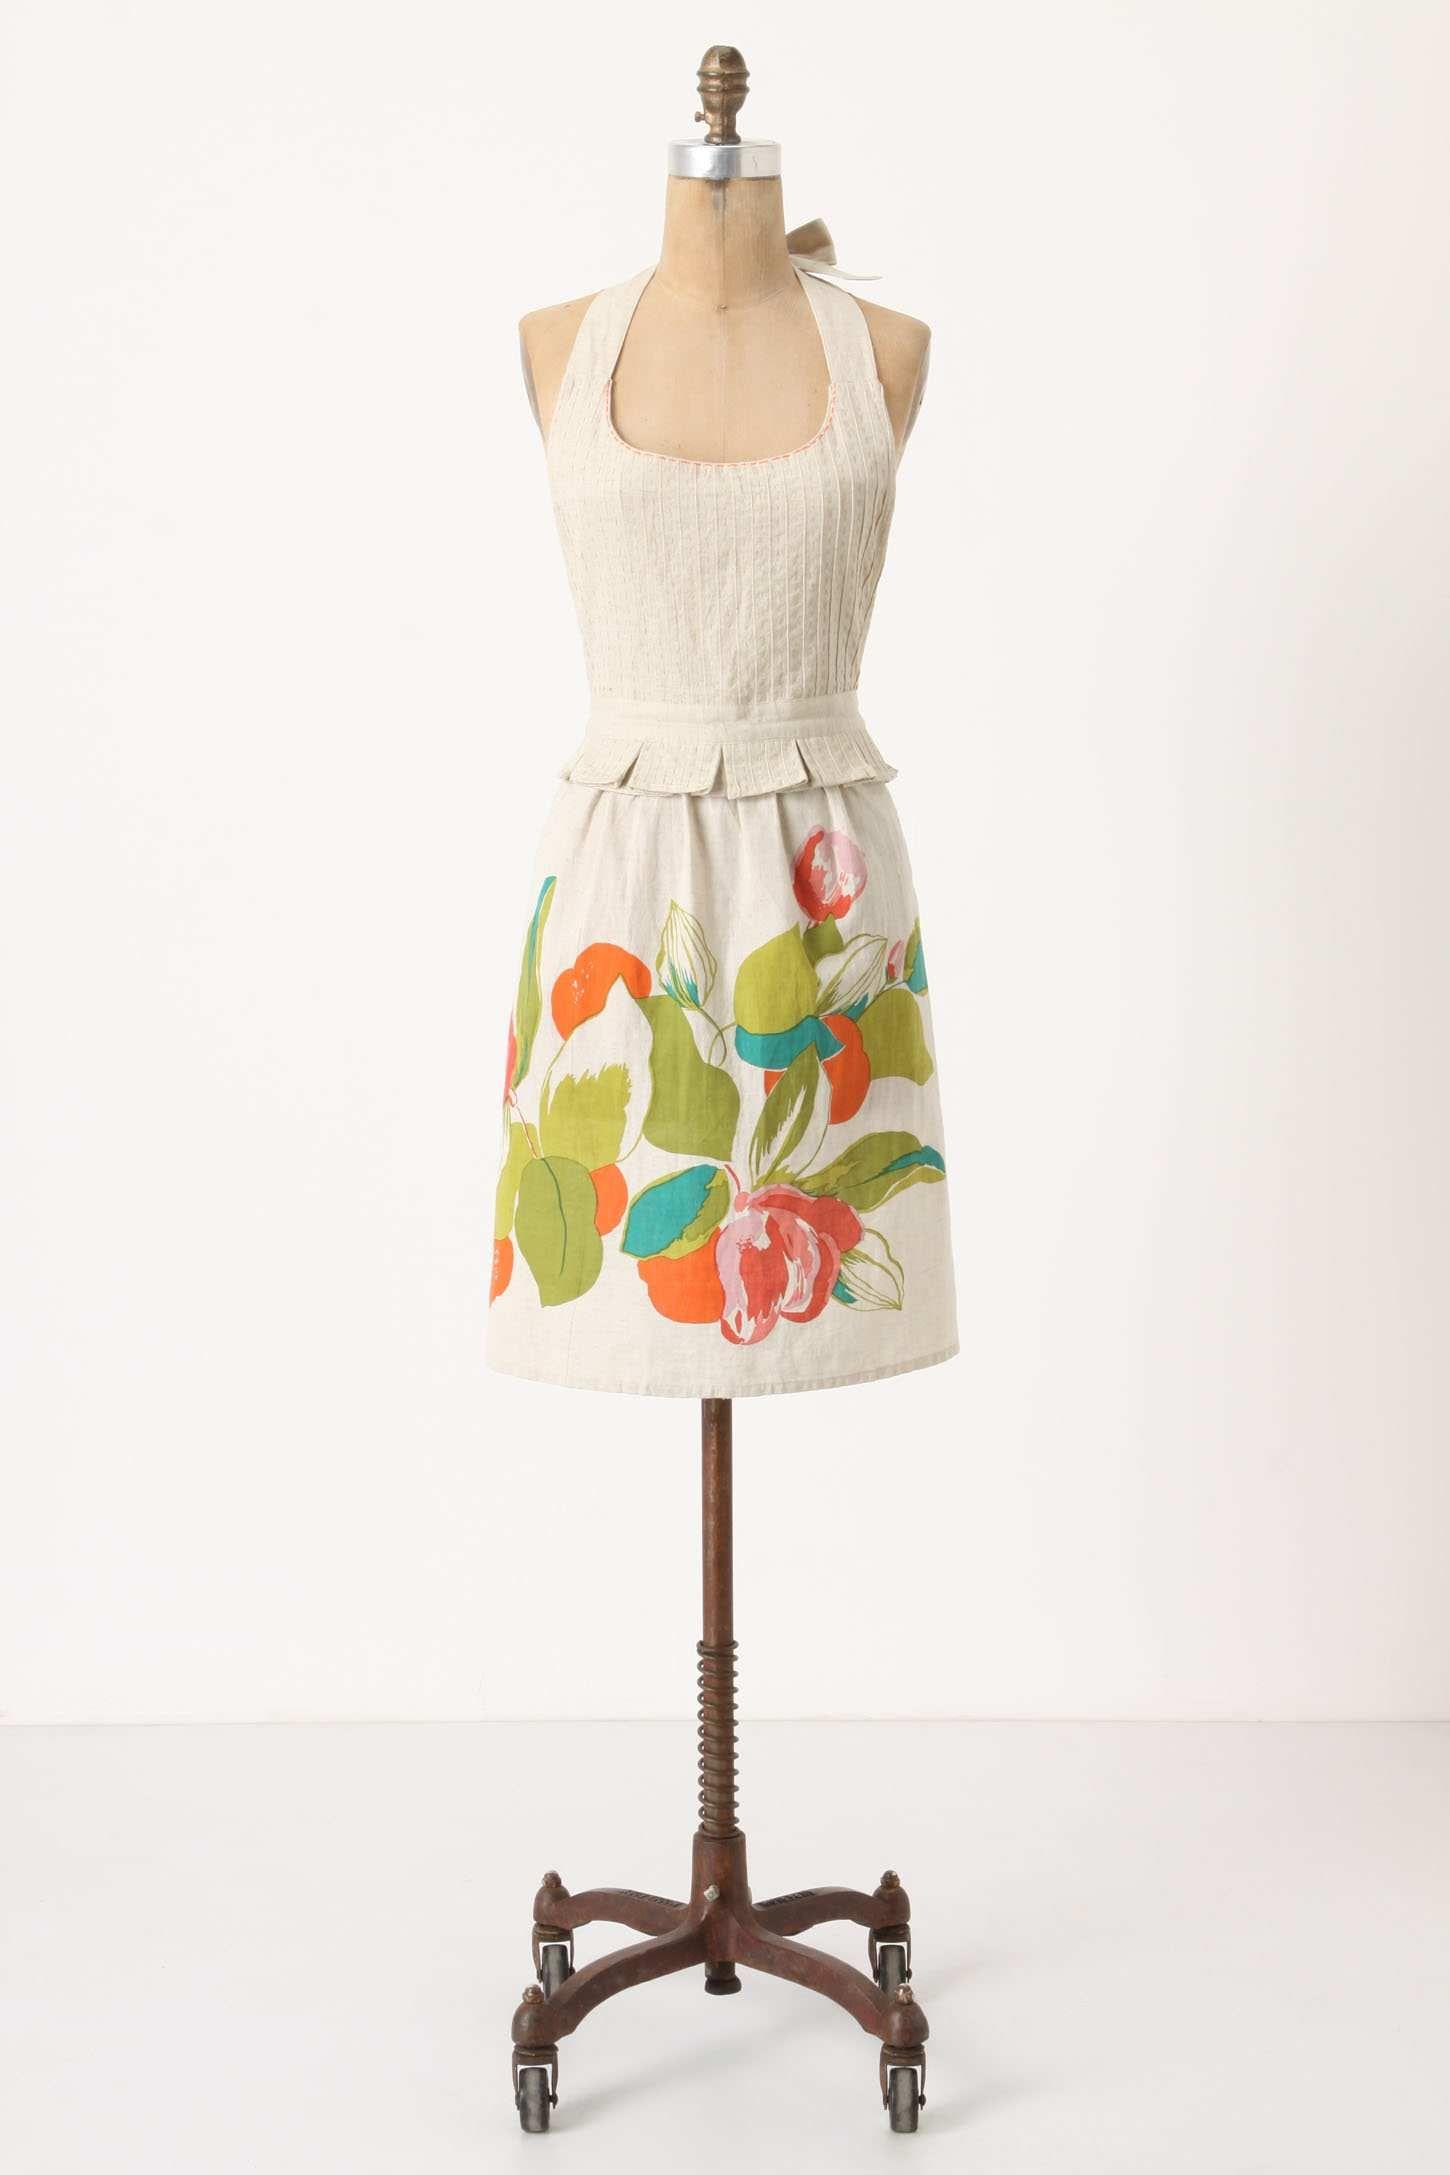 Apron Anthropologie | for my kitchen | Anthropologie apron ...